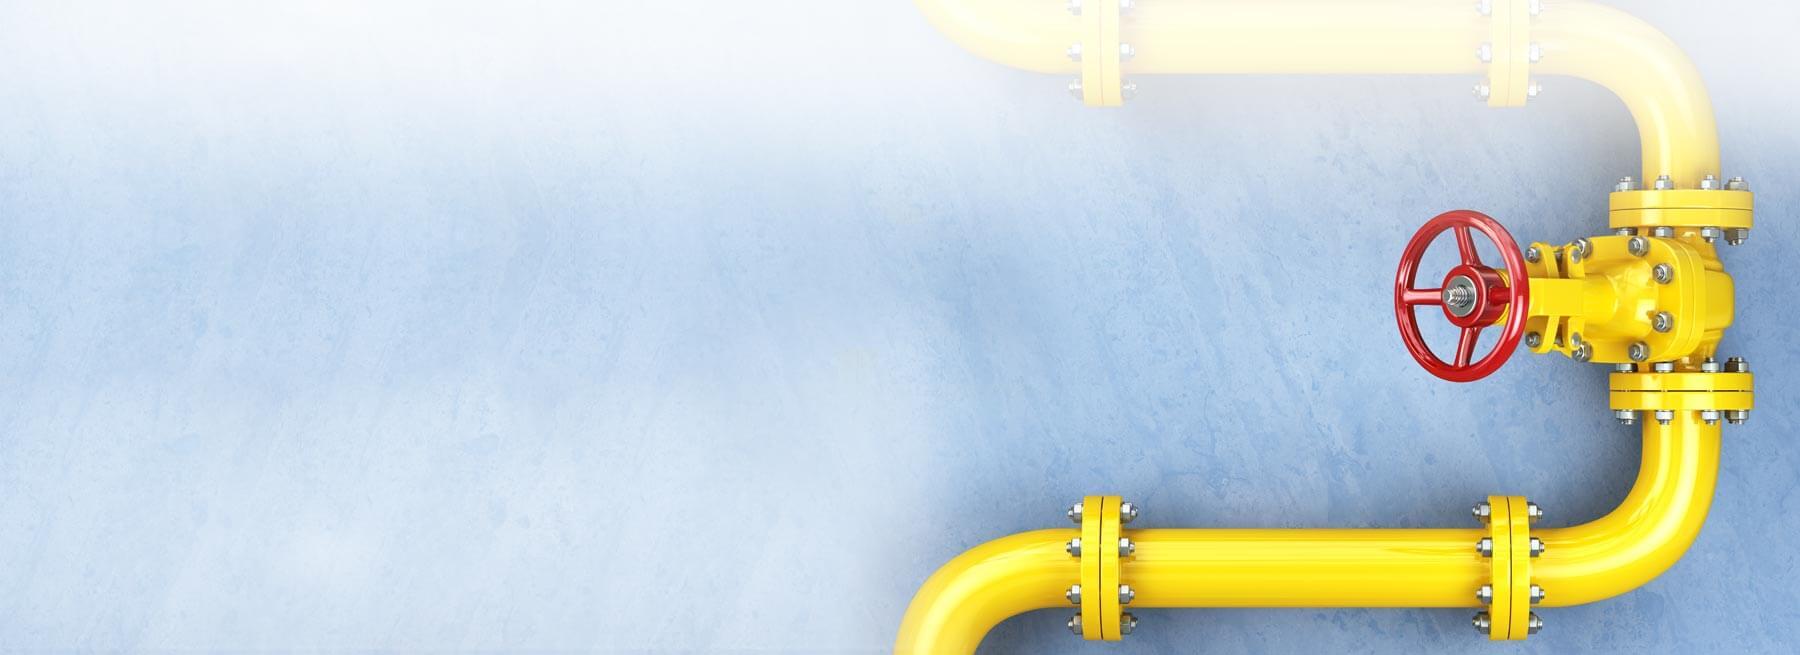 banner-natural-gas-piping